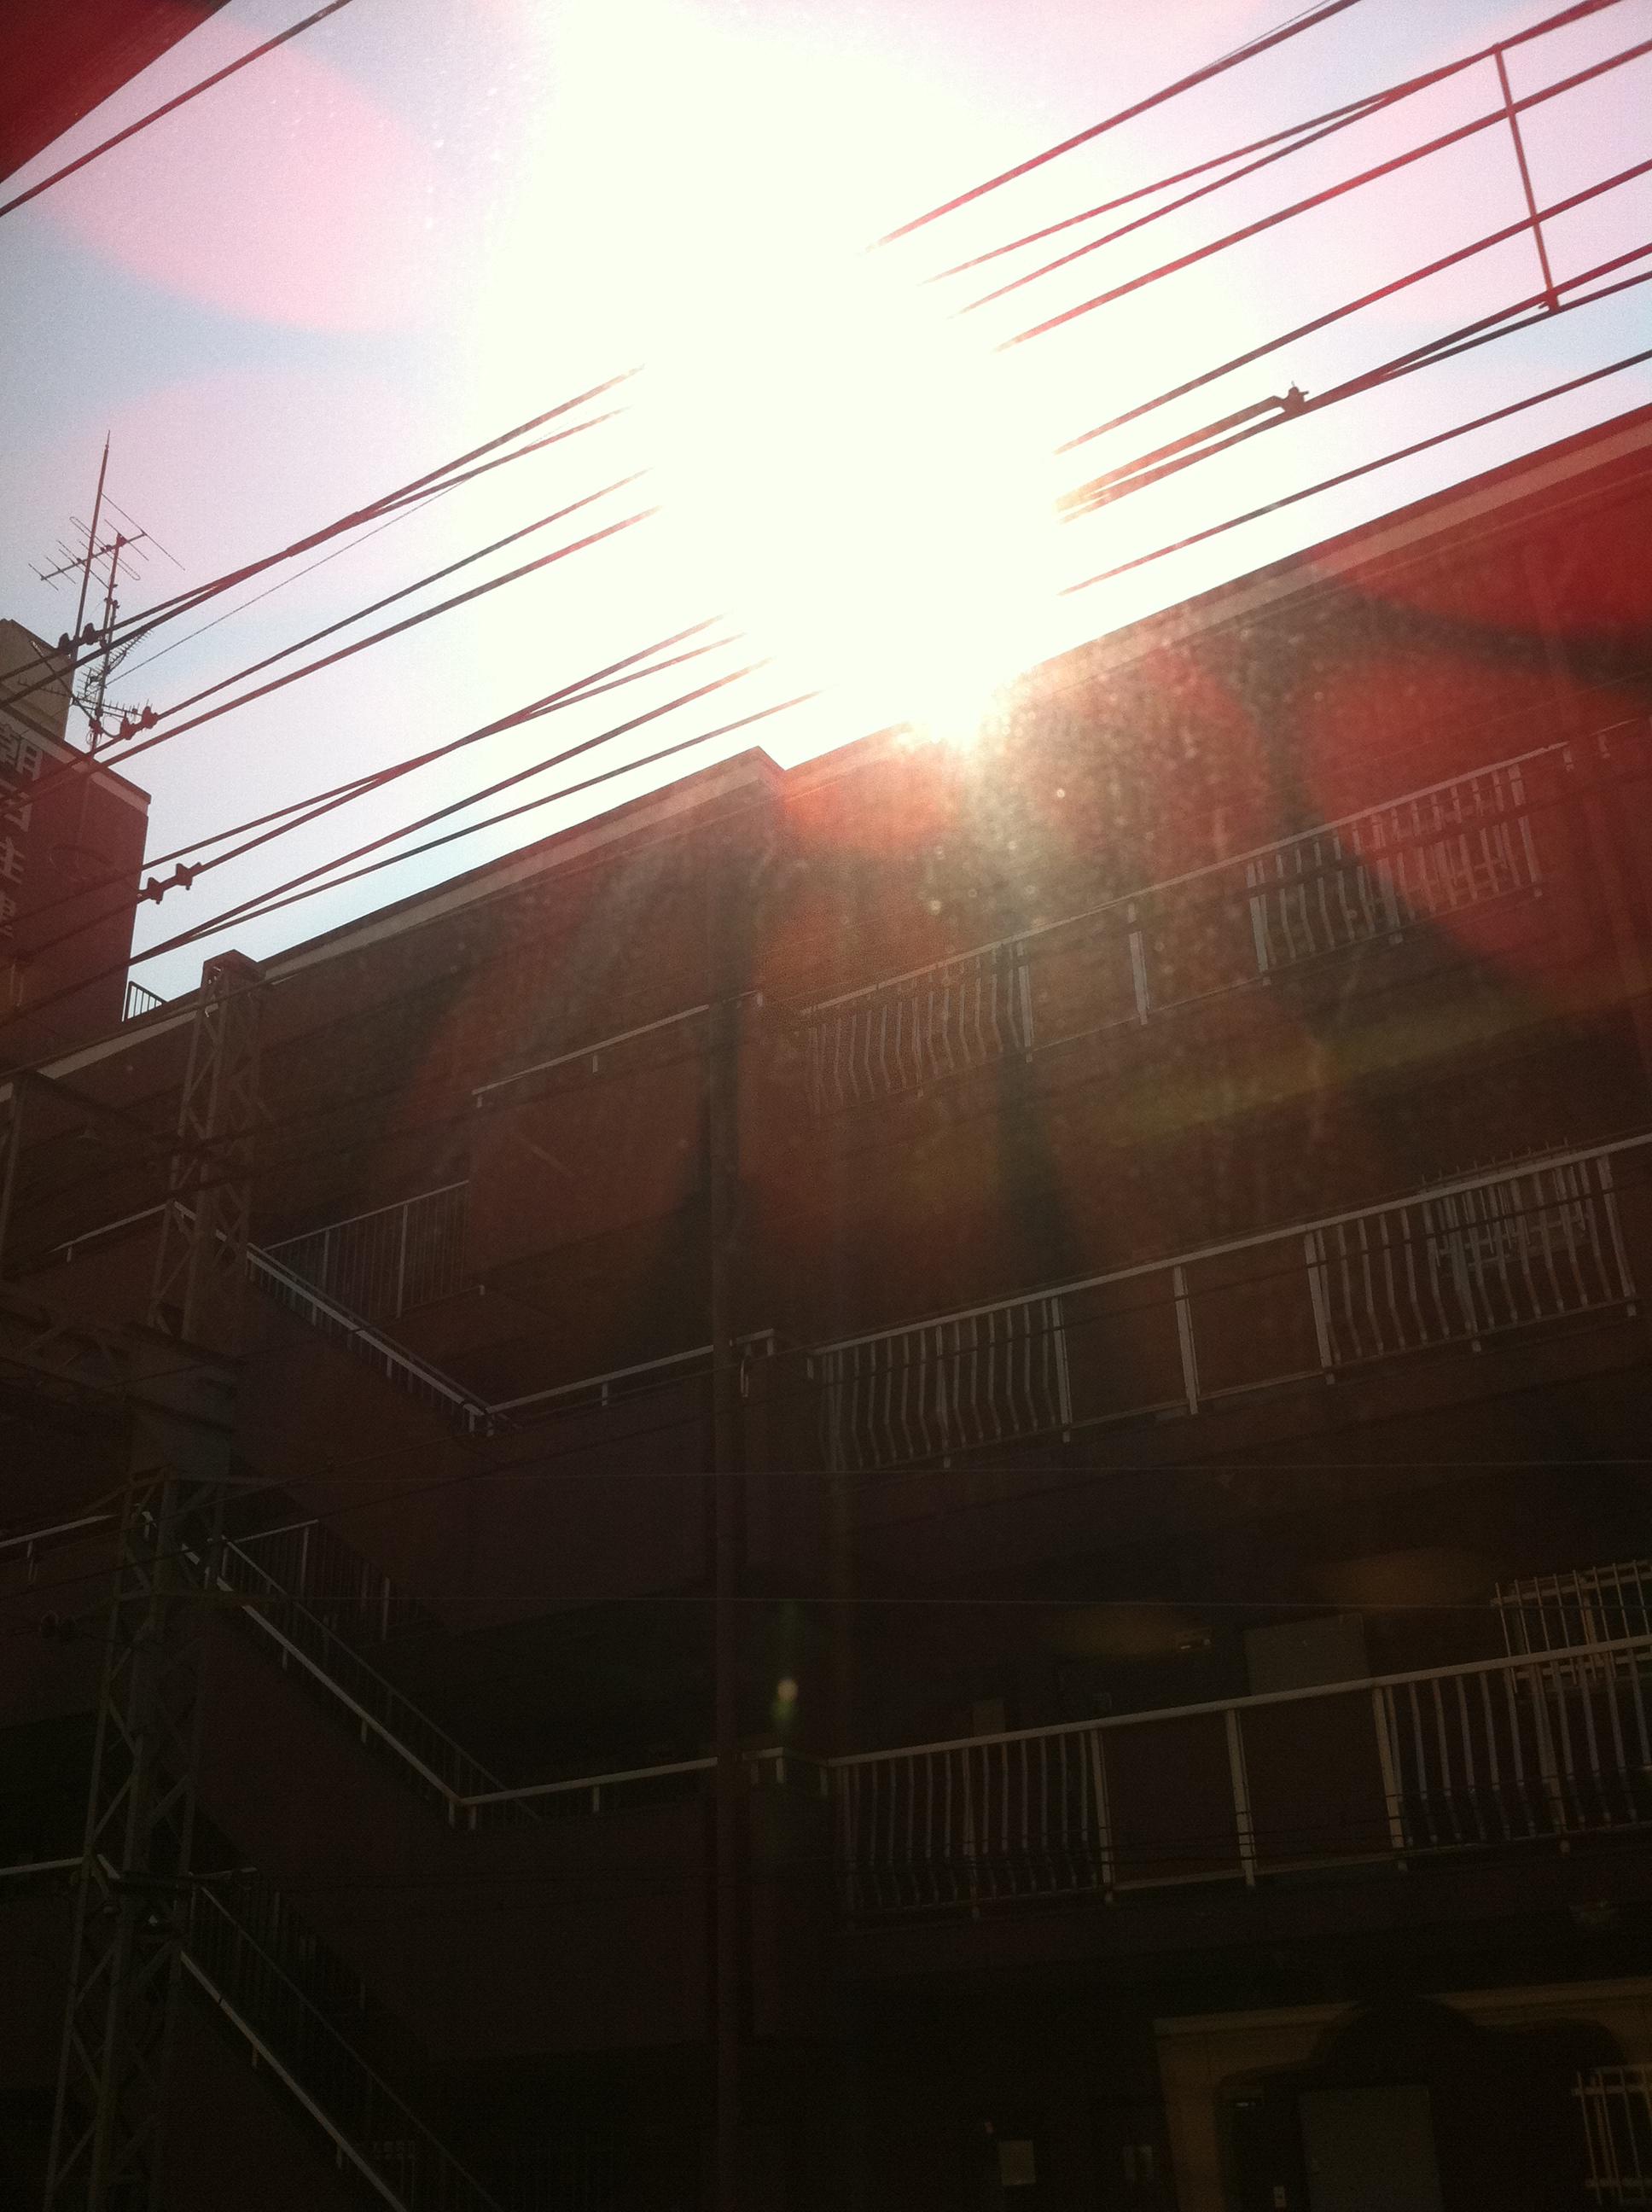 2011年10月9日 建物に映える光が綺麗です